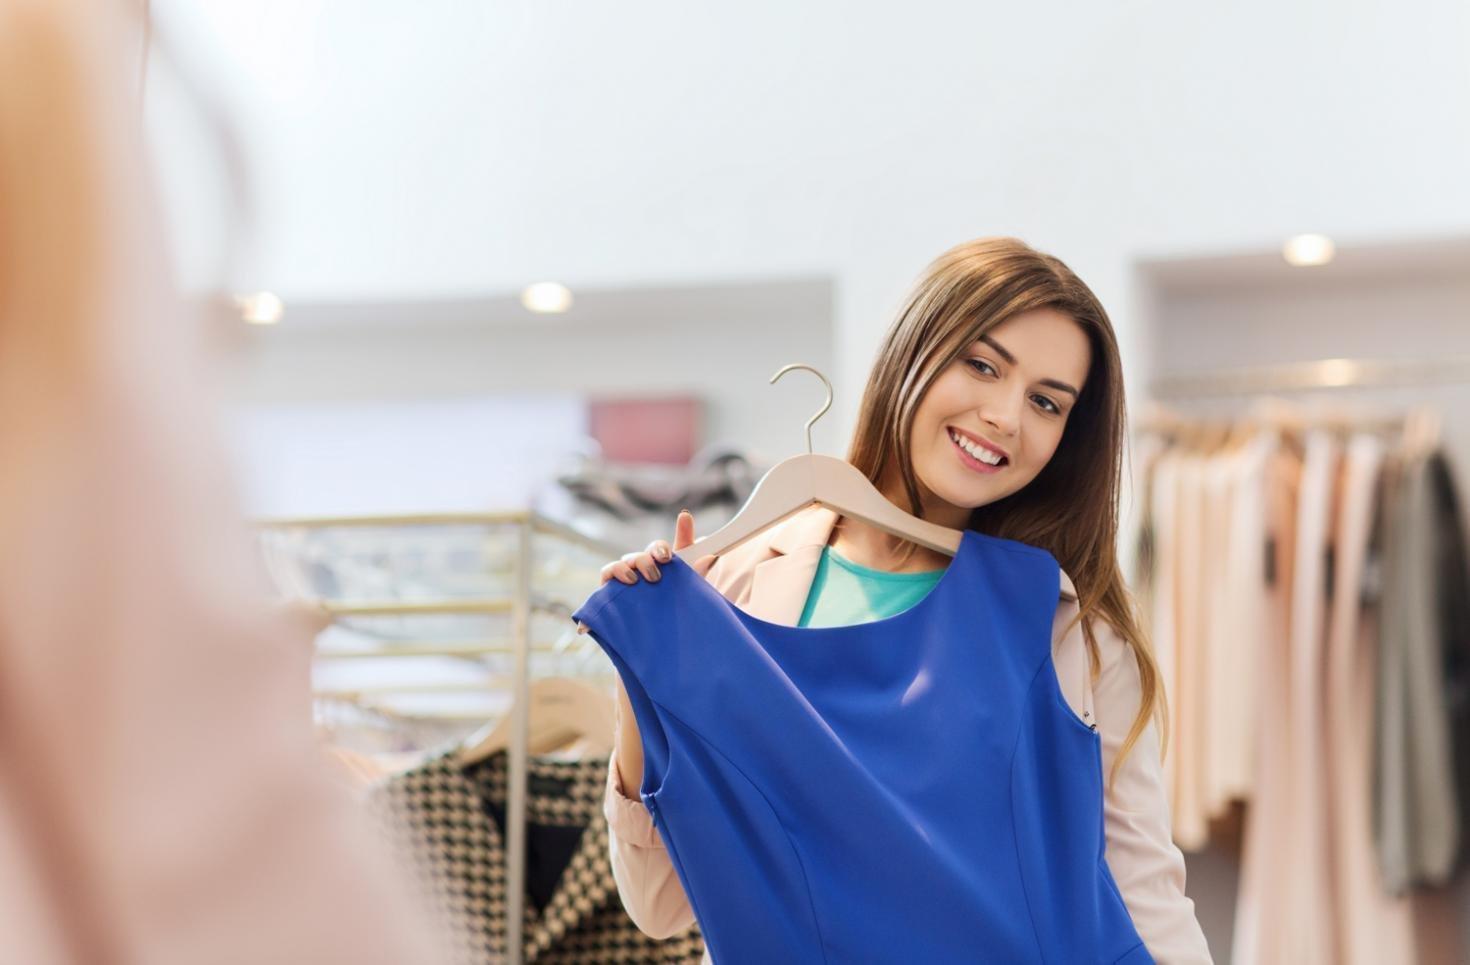 584fd27f34358 Razones importantes para lavar tu ropa nueva antes de usarla por ...